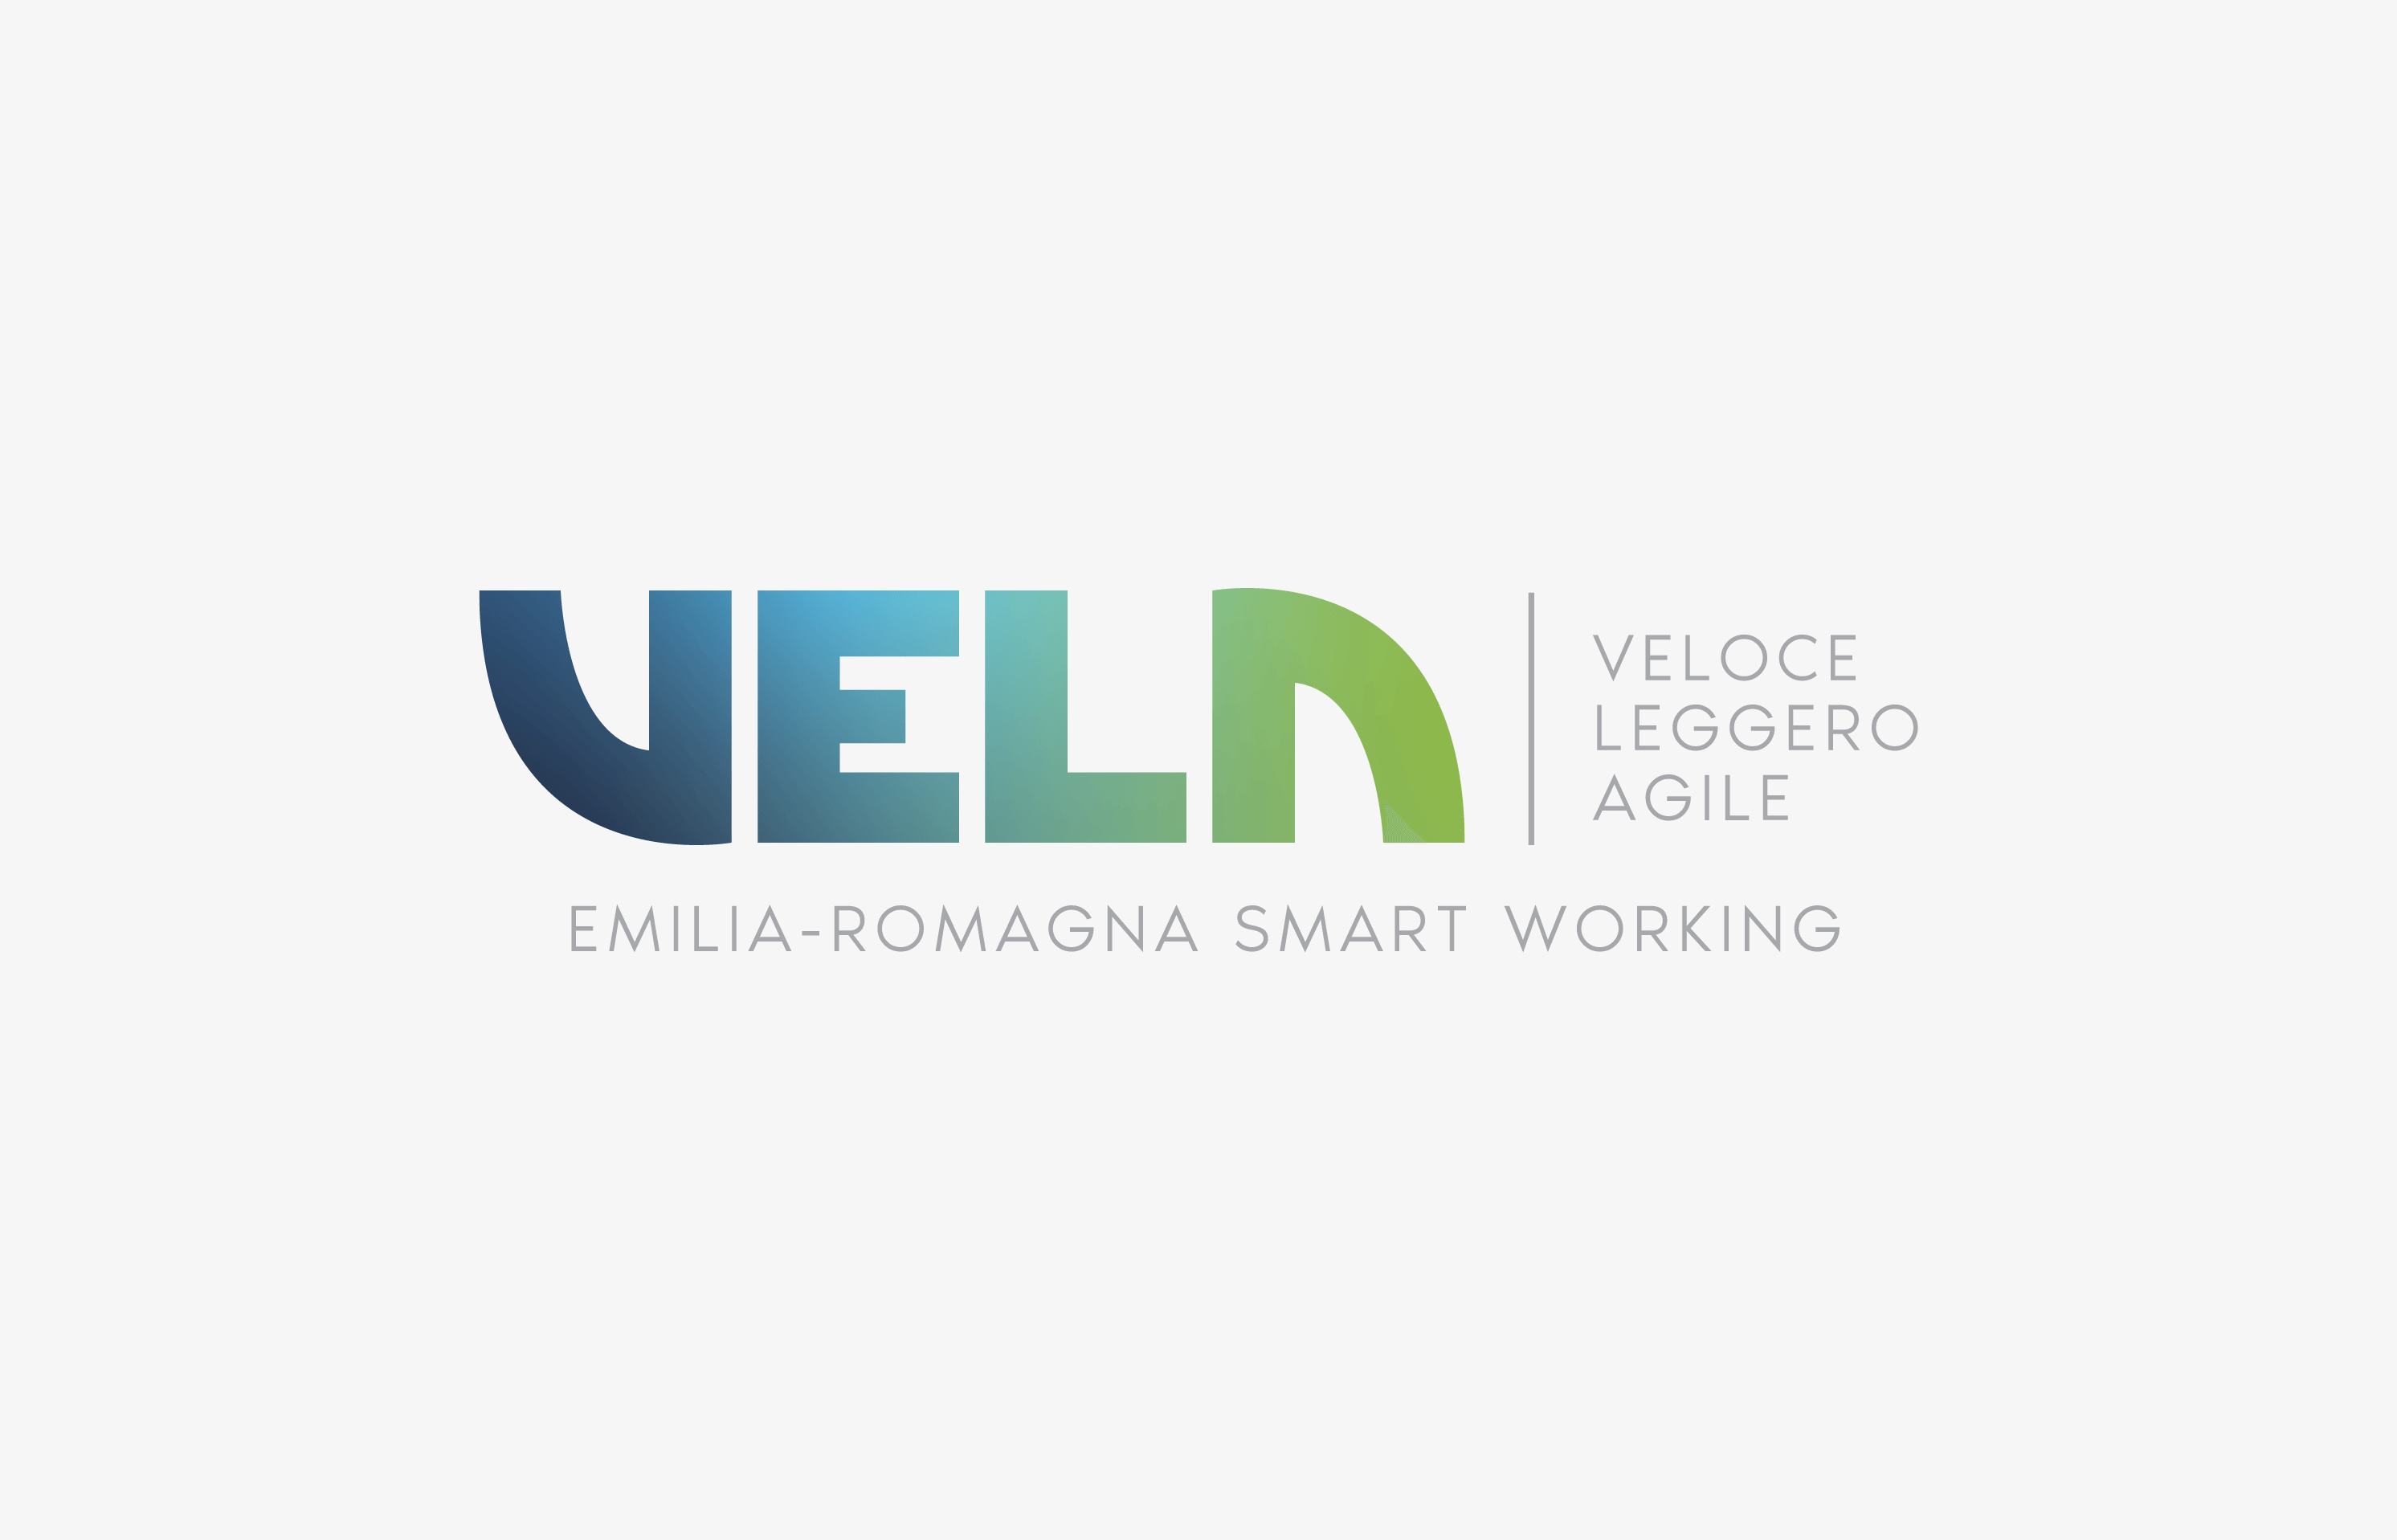 Emilia-Romagna Smart Working